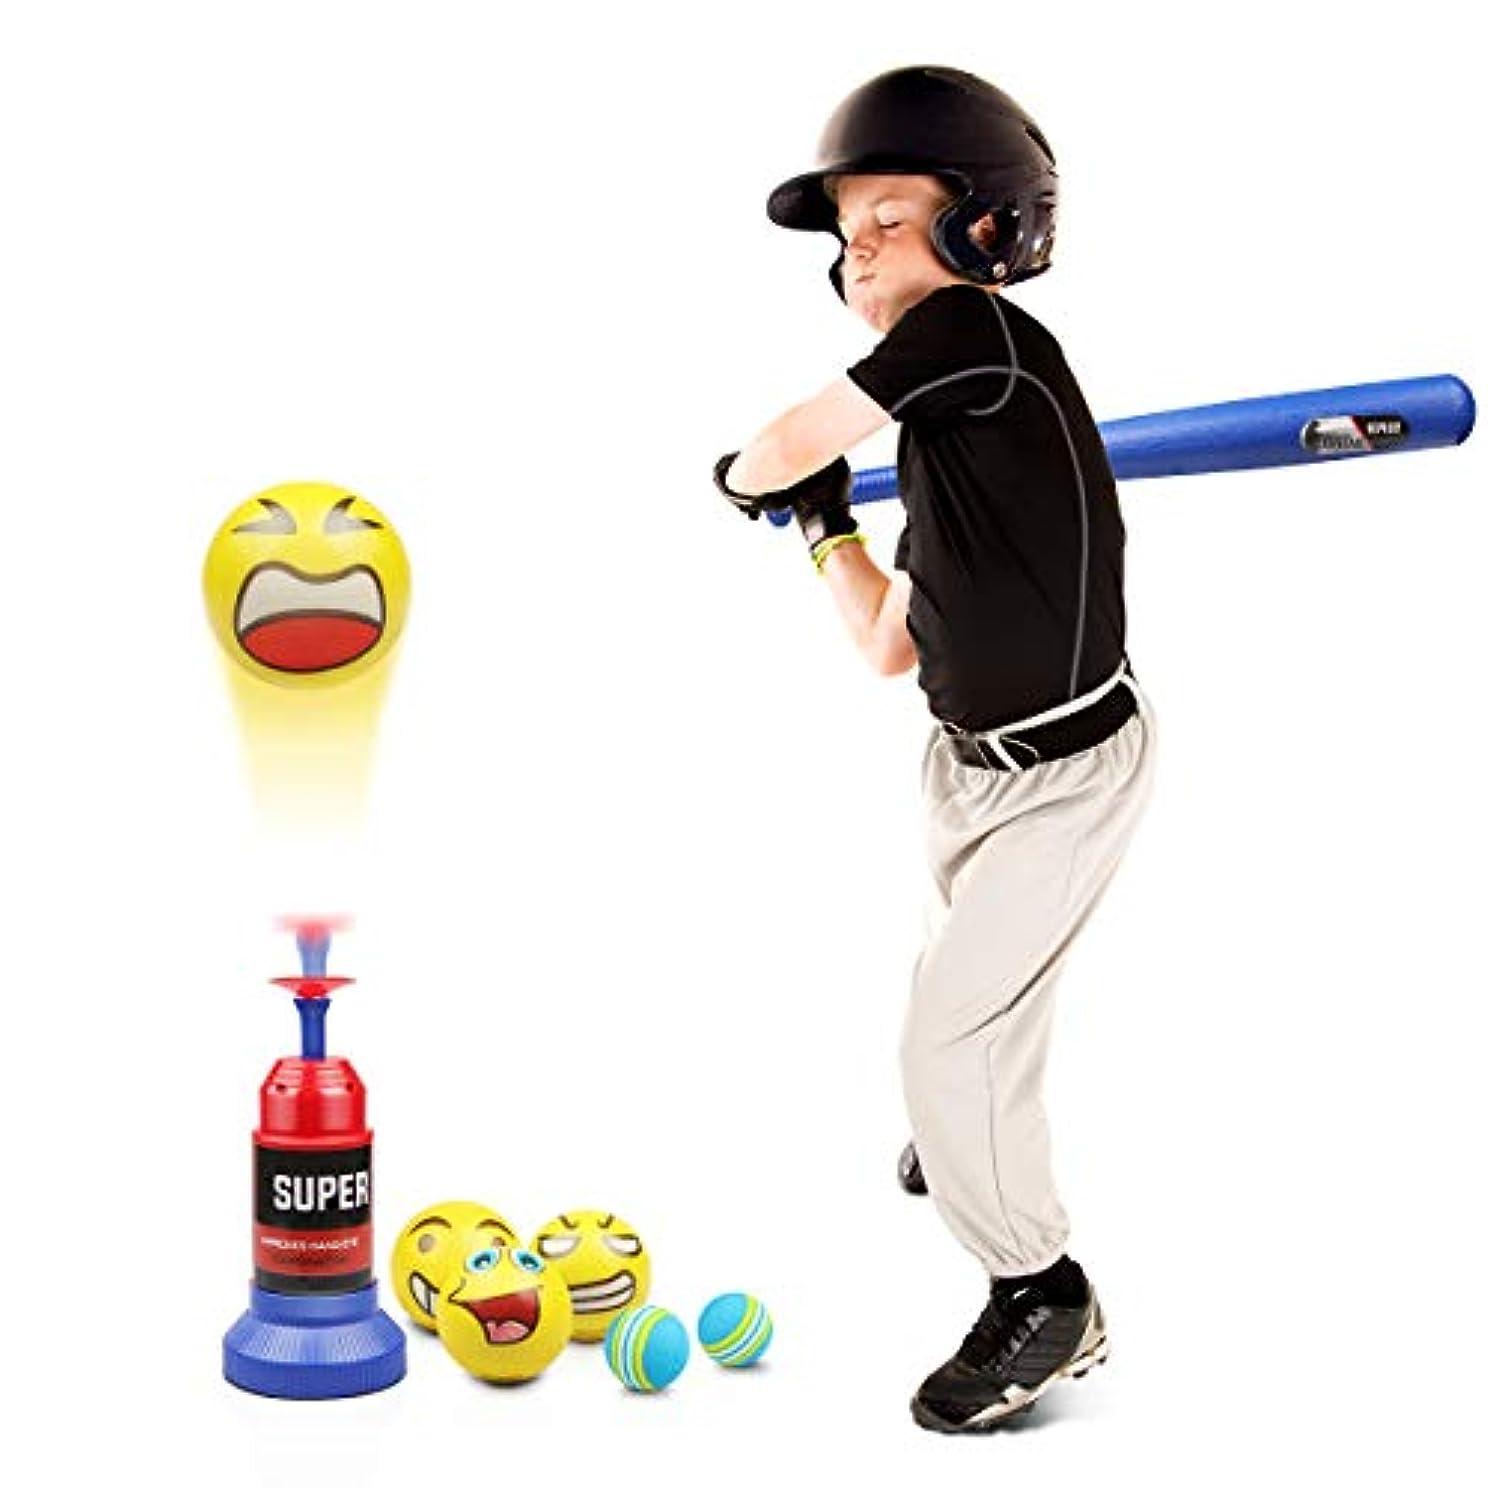 誤解衝突する不完全Lydaz ティーボールセット 自動ベースボールランチャー ソフトボール5個と伸縮性バット付き 幼児用アウトドアおもちゃ 2 3 4歳 男の子 女の子